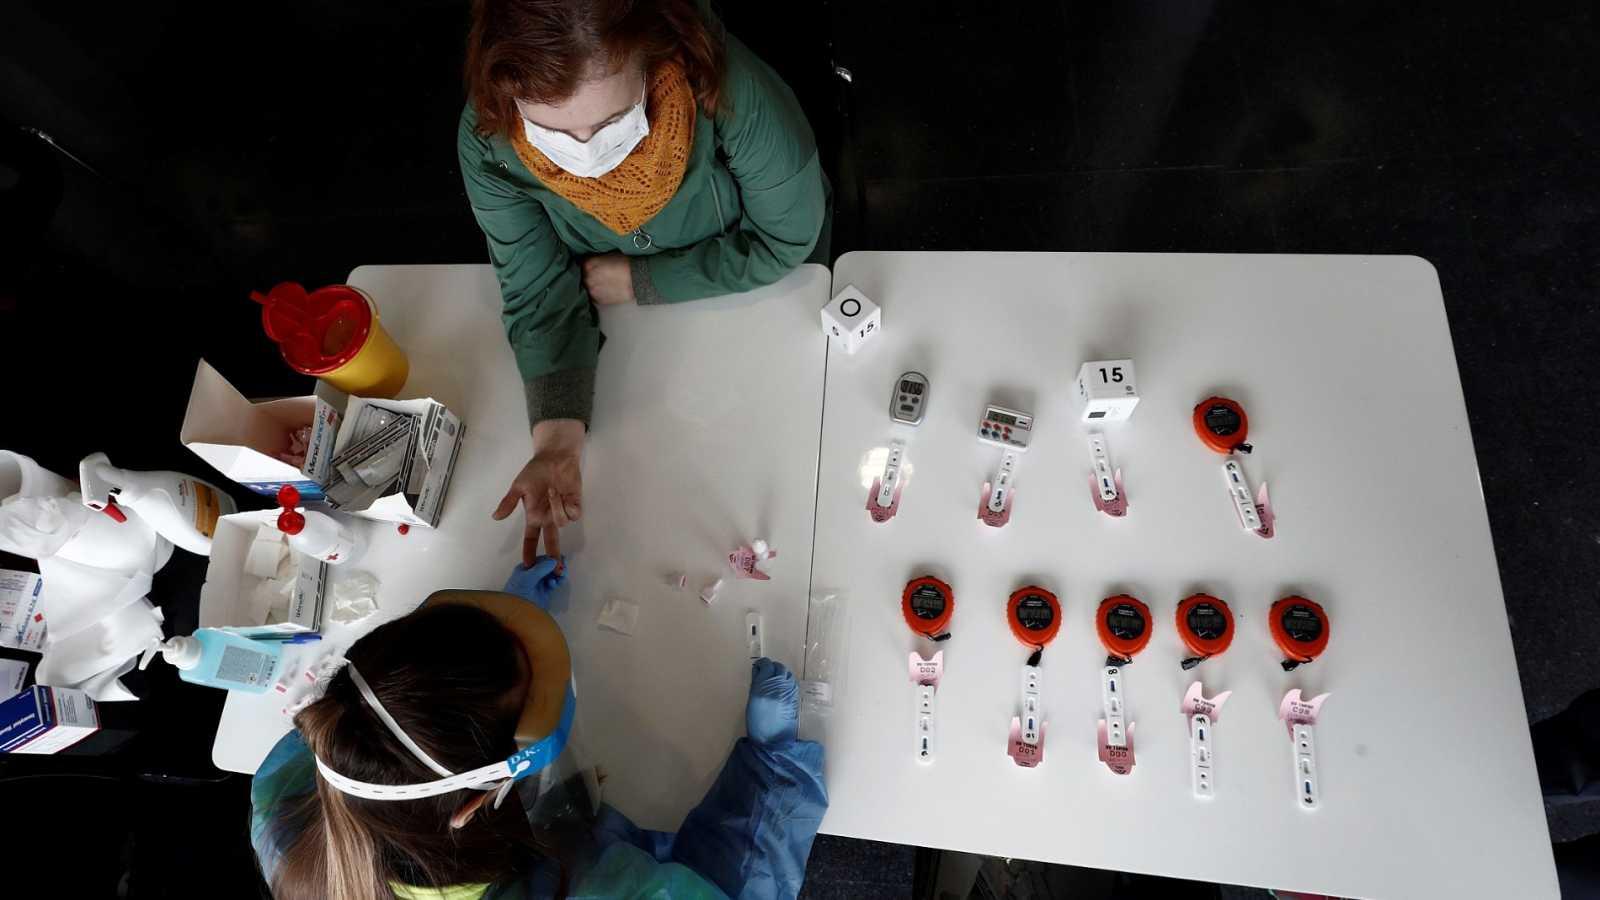 El estudio de seroprevalencia del coronavirus comenzará a realizarse el próximo lunes